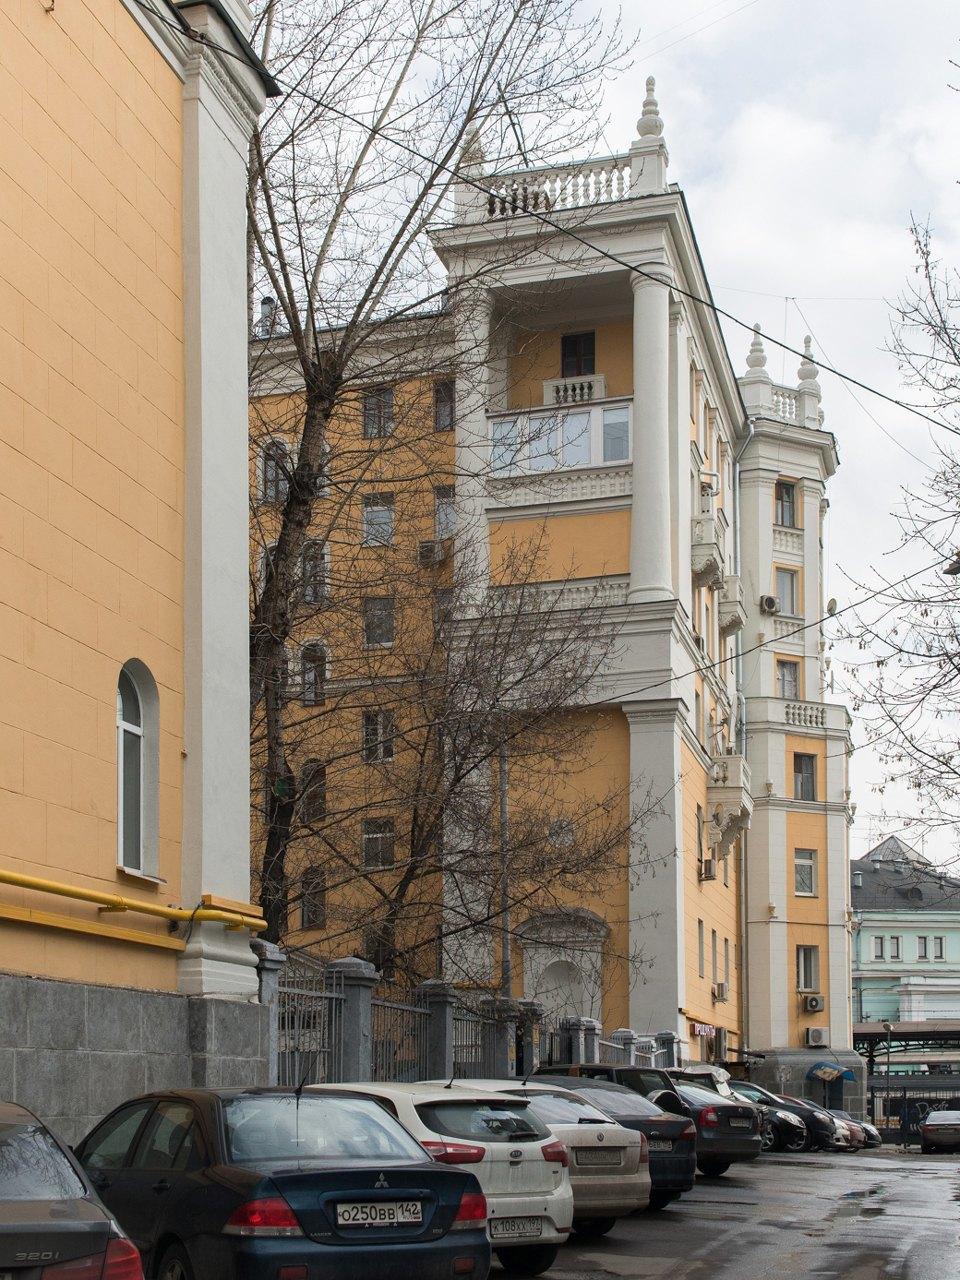 Я живу в «Доме с башенками» уБелорусского вокзала. Изображение № 8.